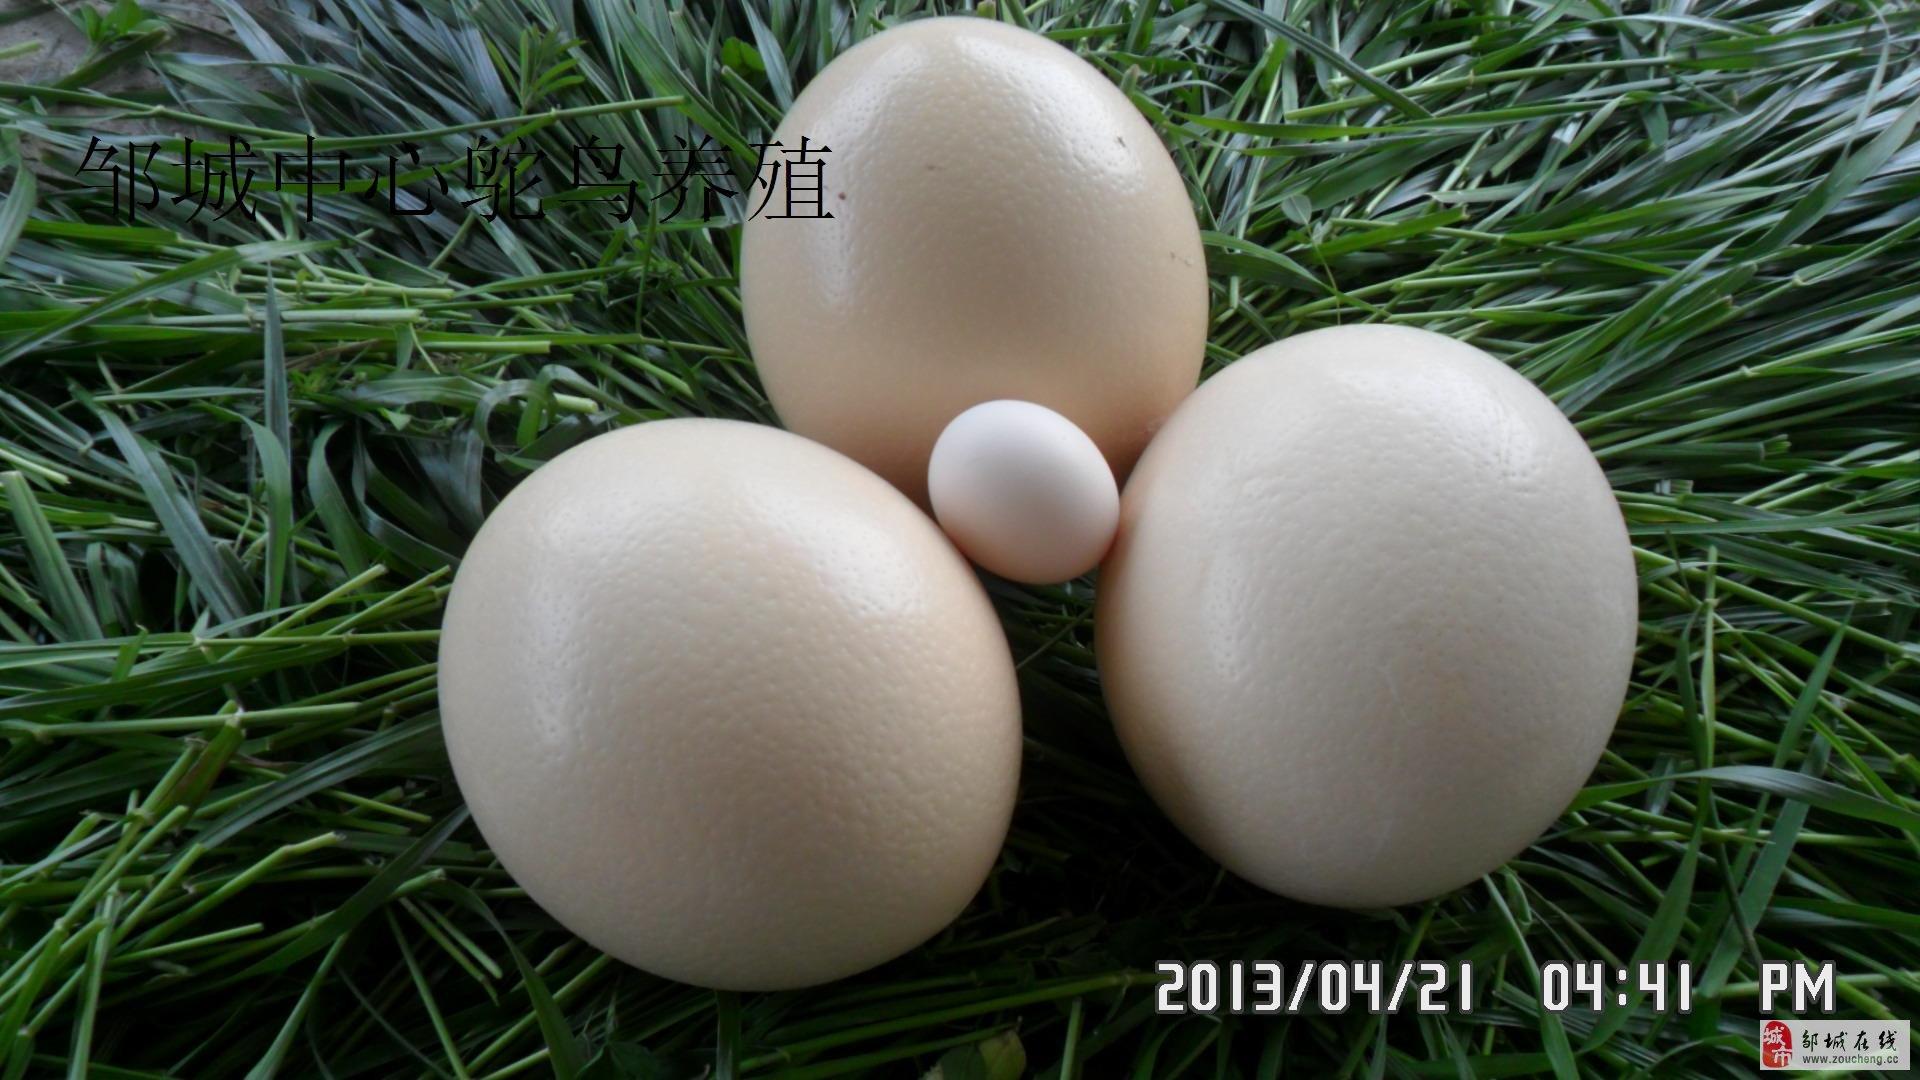 看看鸵鸟蛋工艺品好看不